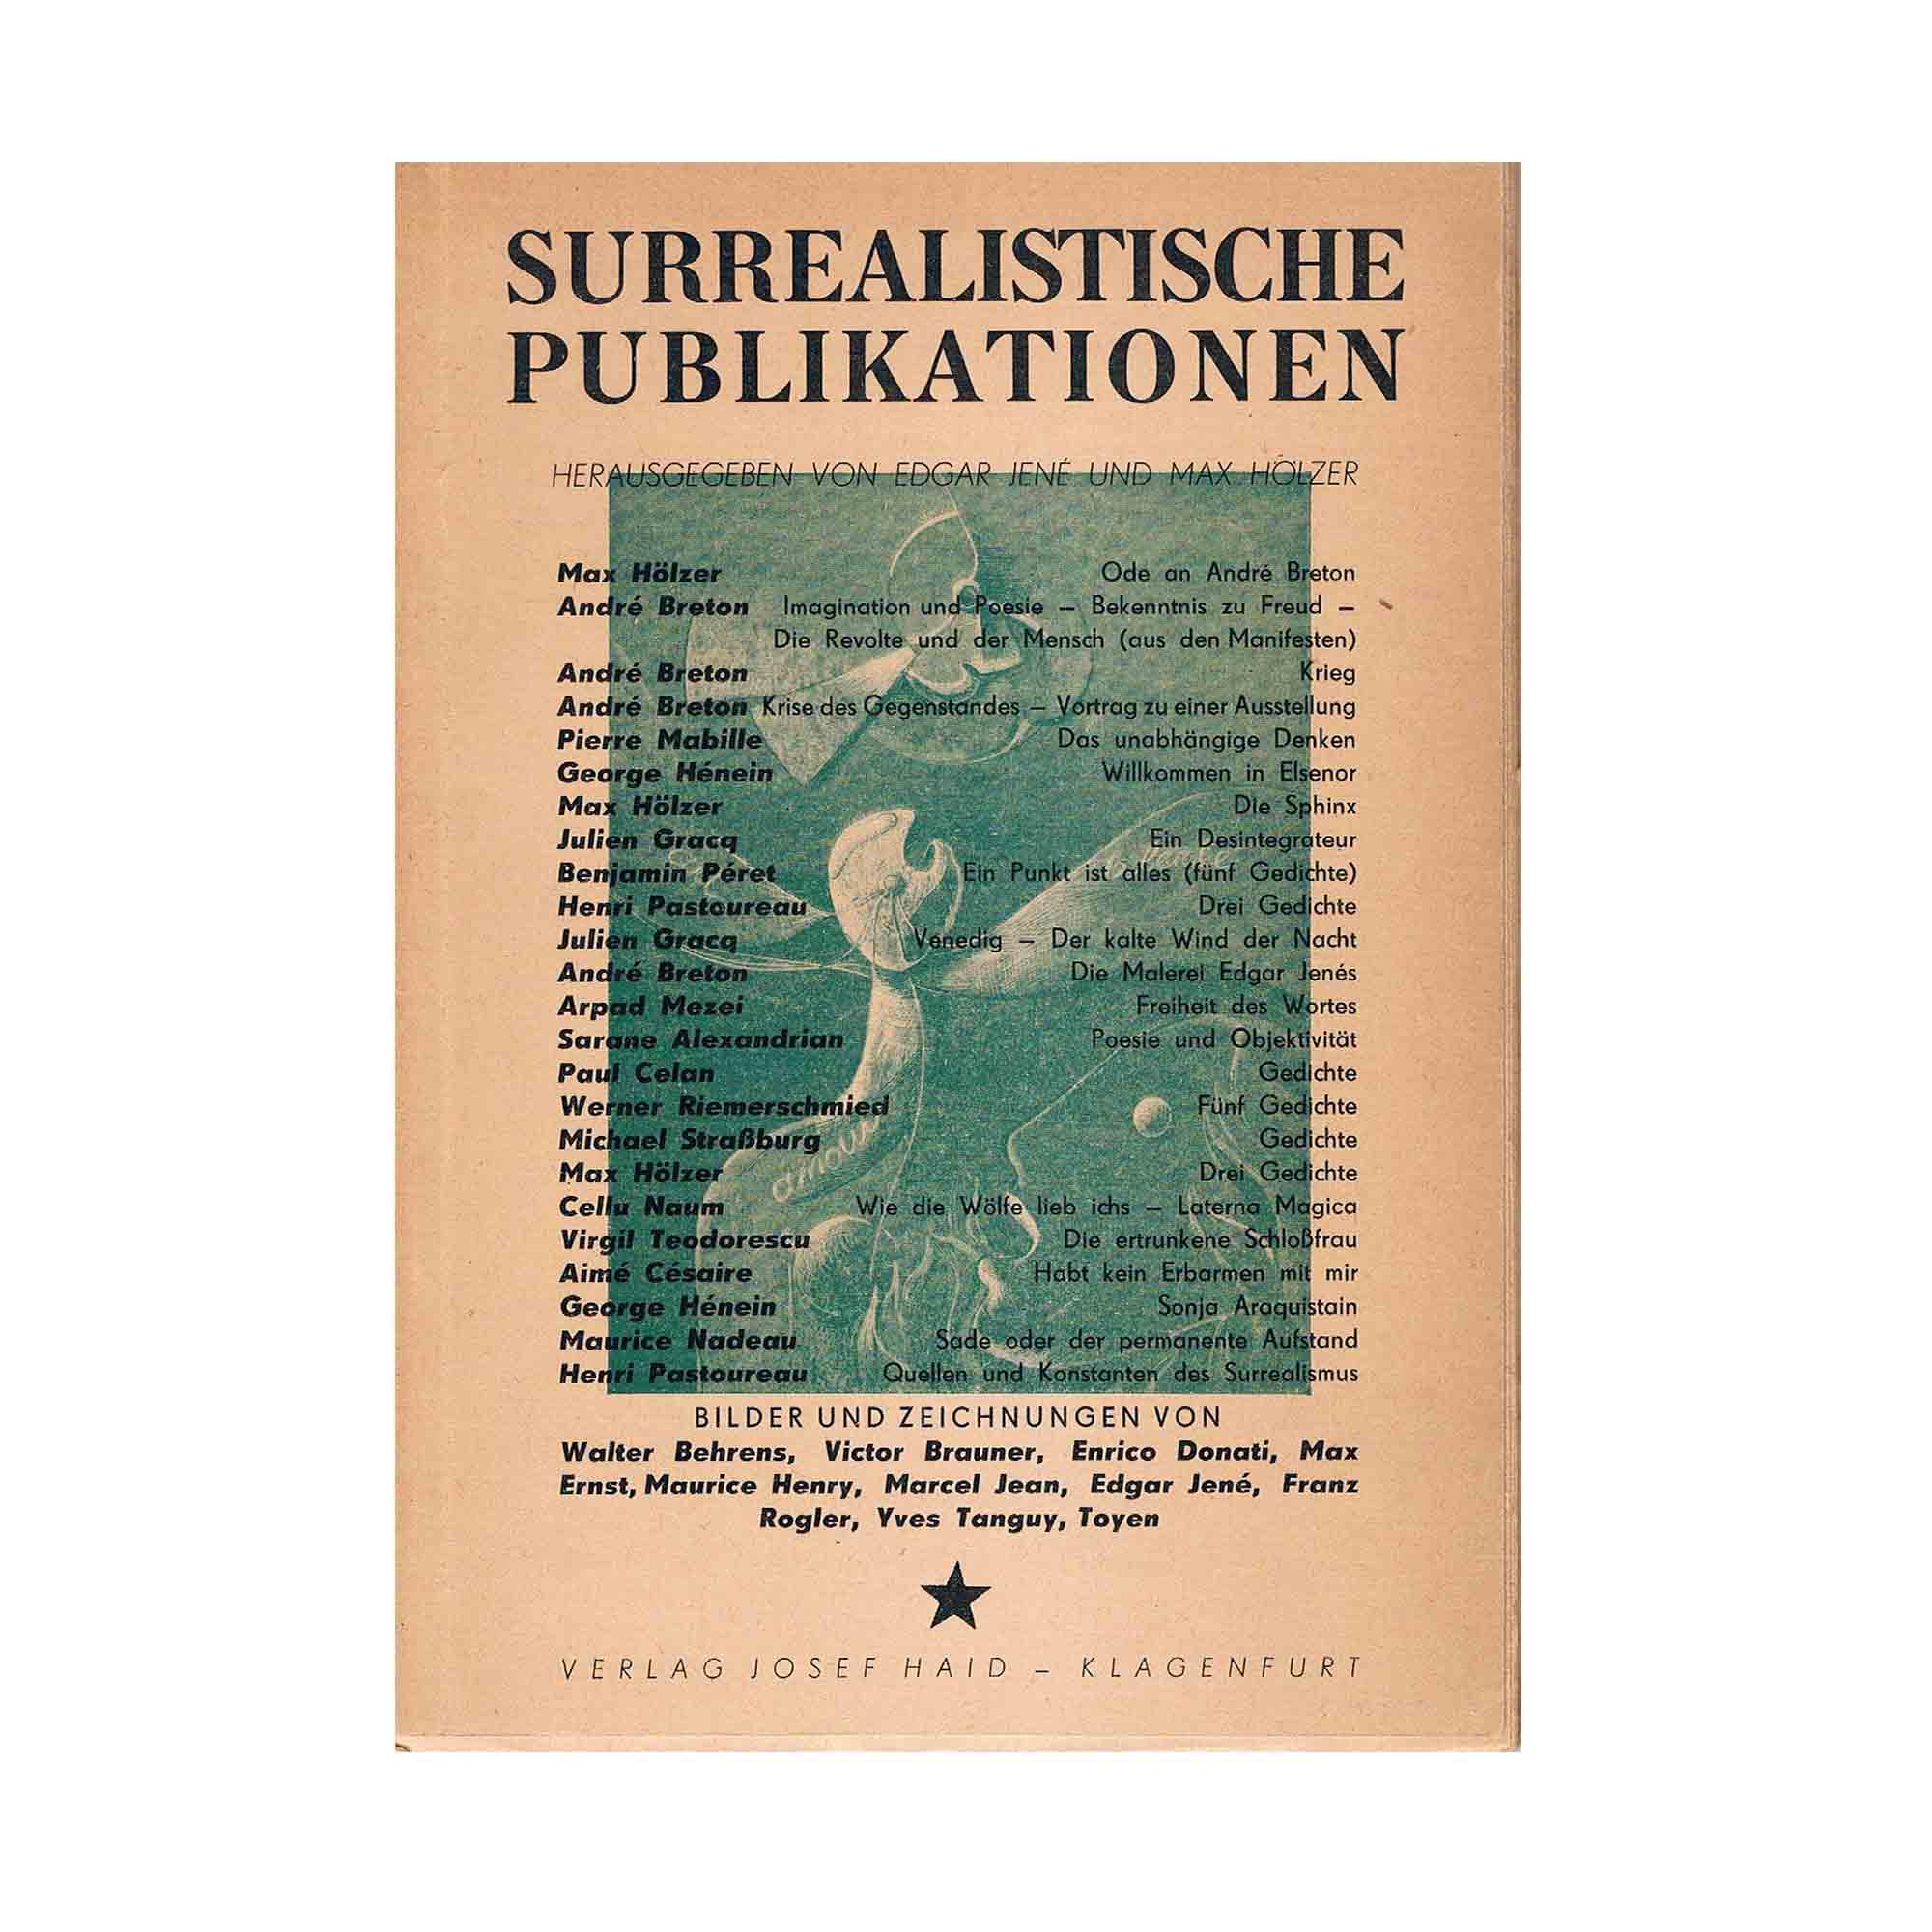 Jene-Hölzer-Surrealismus-1950-I-Umschlag-N.jpeg